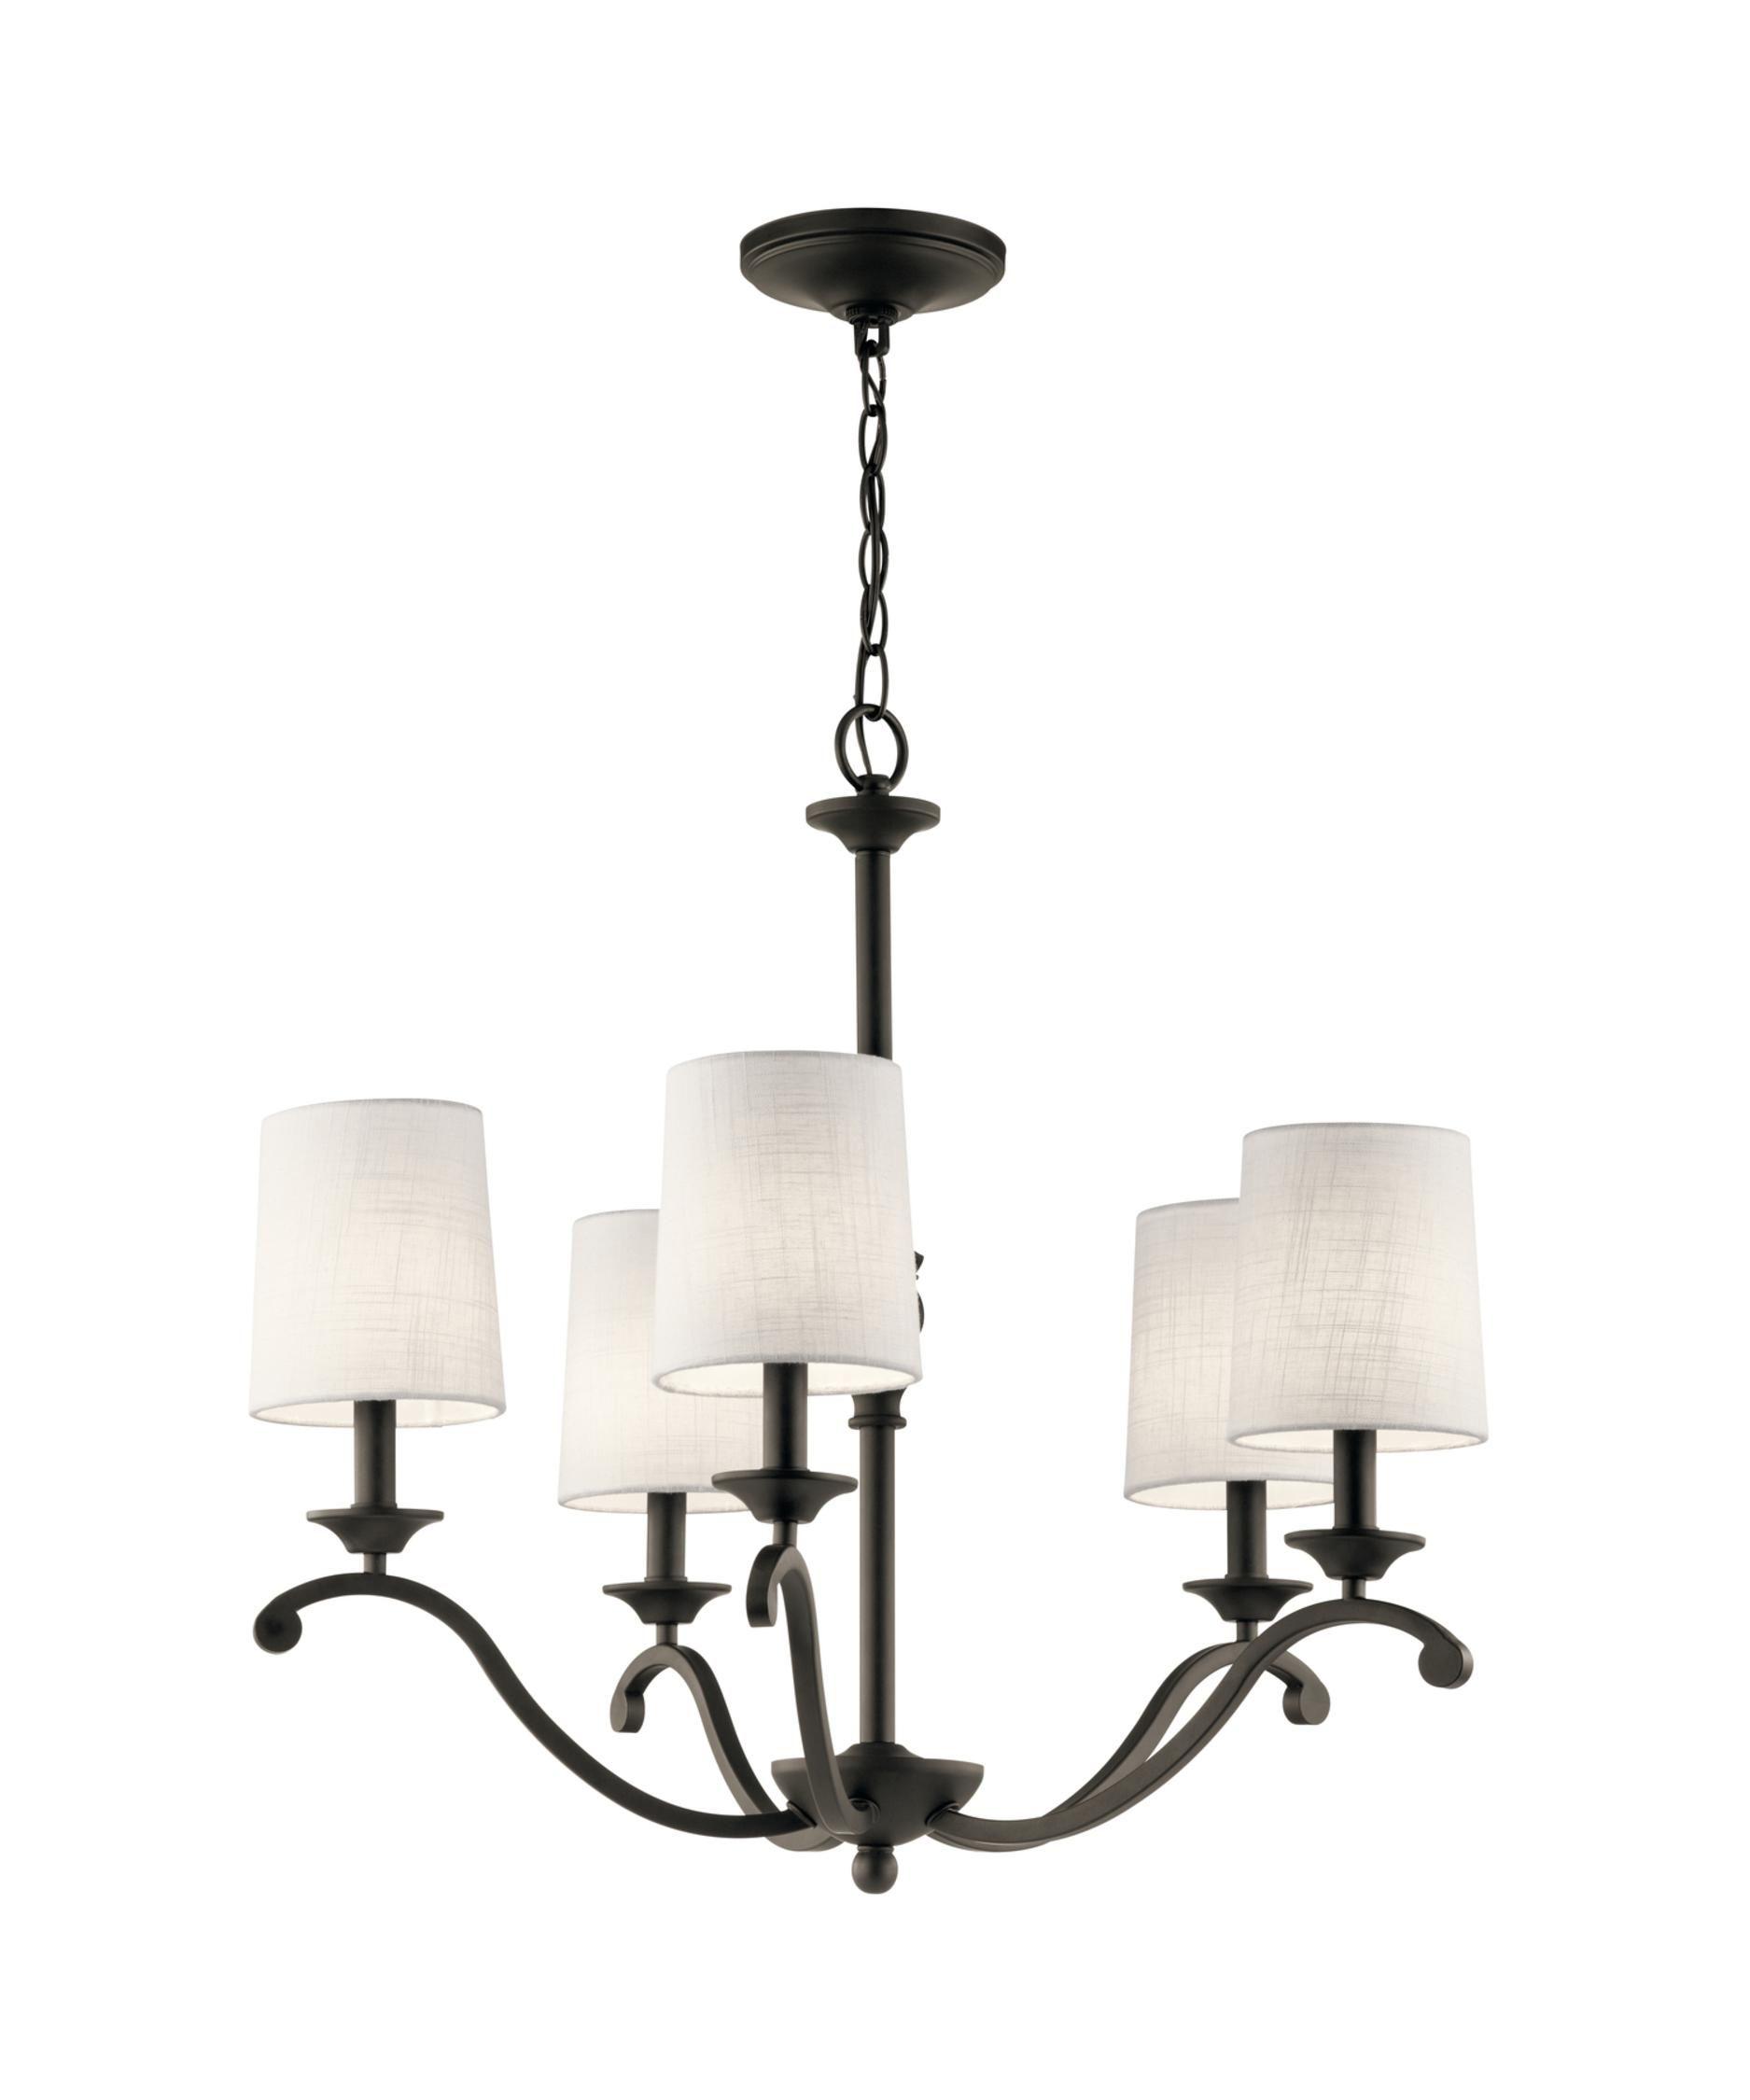 Kichler 43392 versailles 26 inch chandelier kitchen chandelier kichler 43392 versailles 26 inch chandelier arubaitofo Images